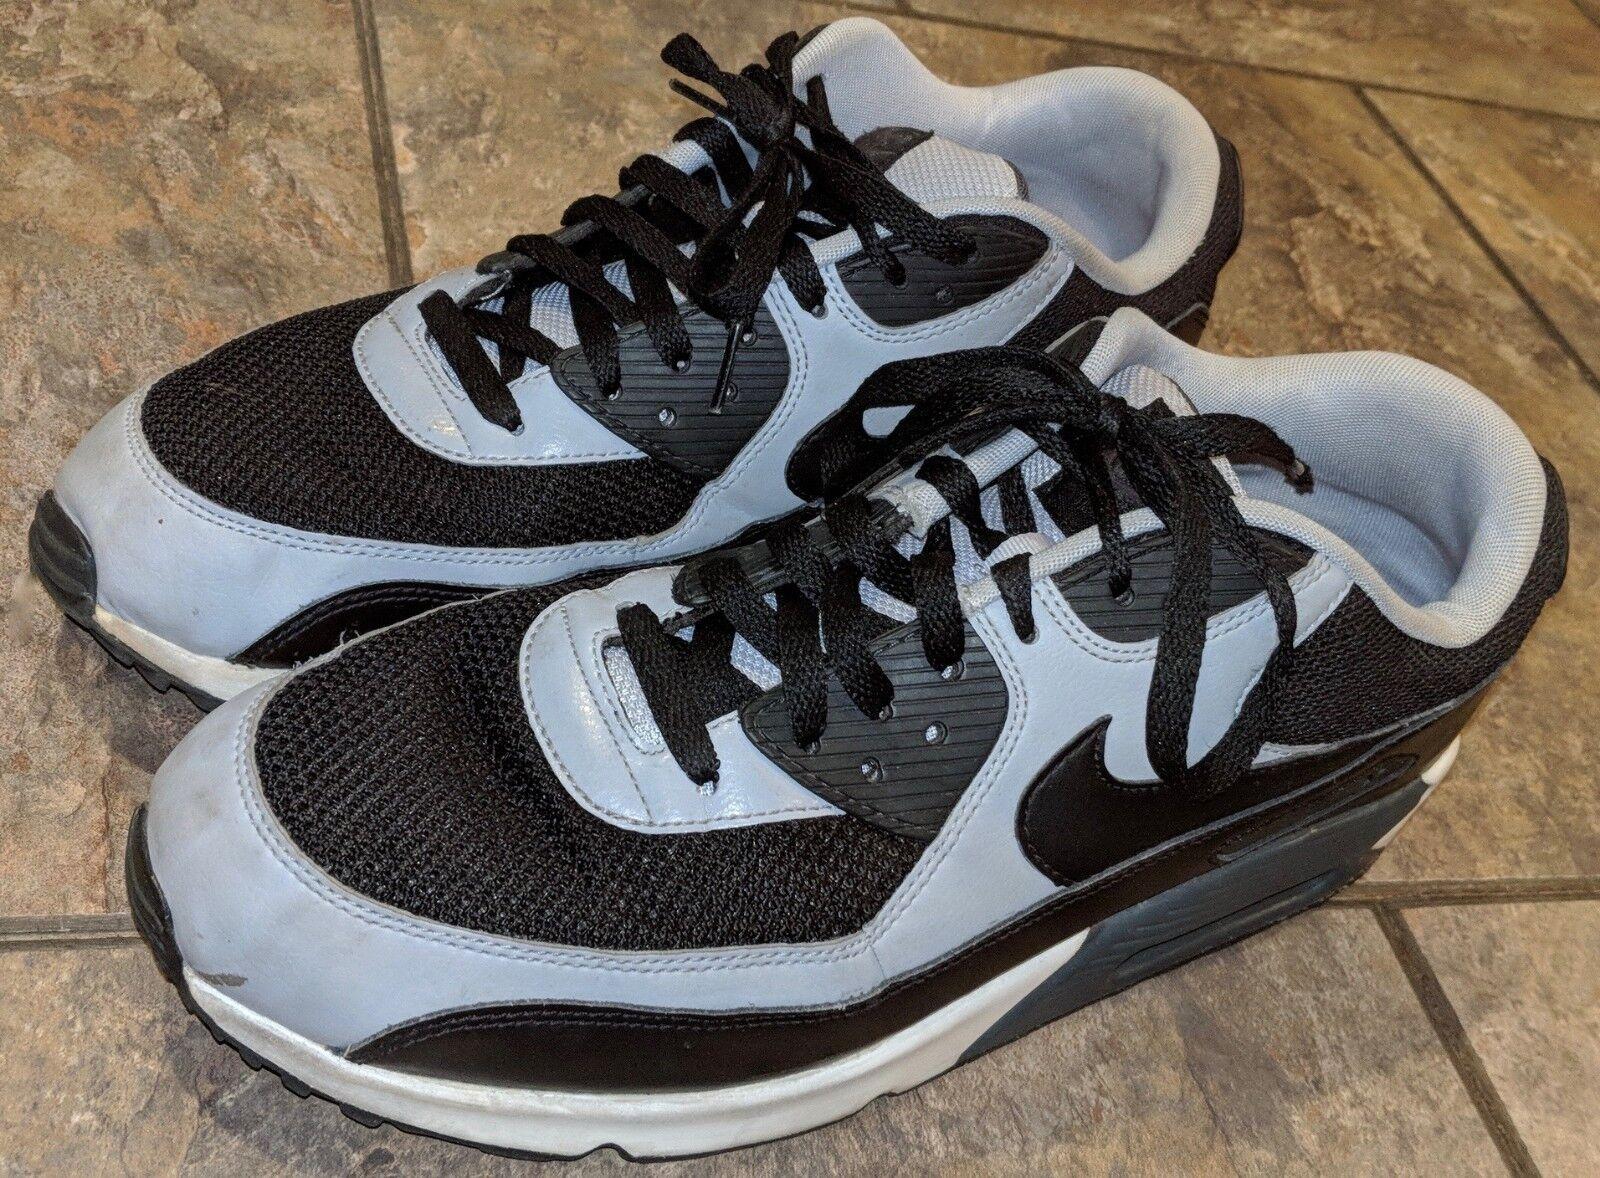 Nike air max 90 essenziale nero grigio bianco sz 13